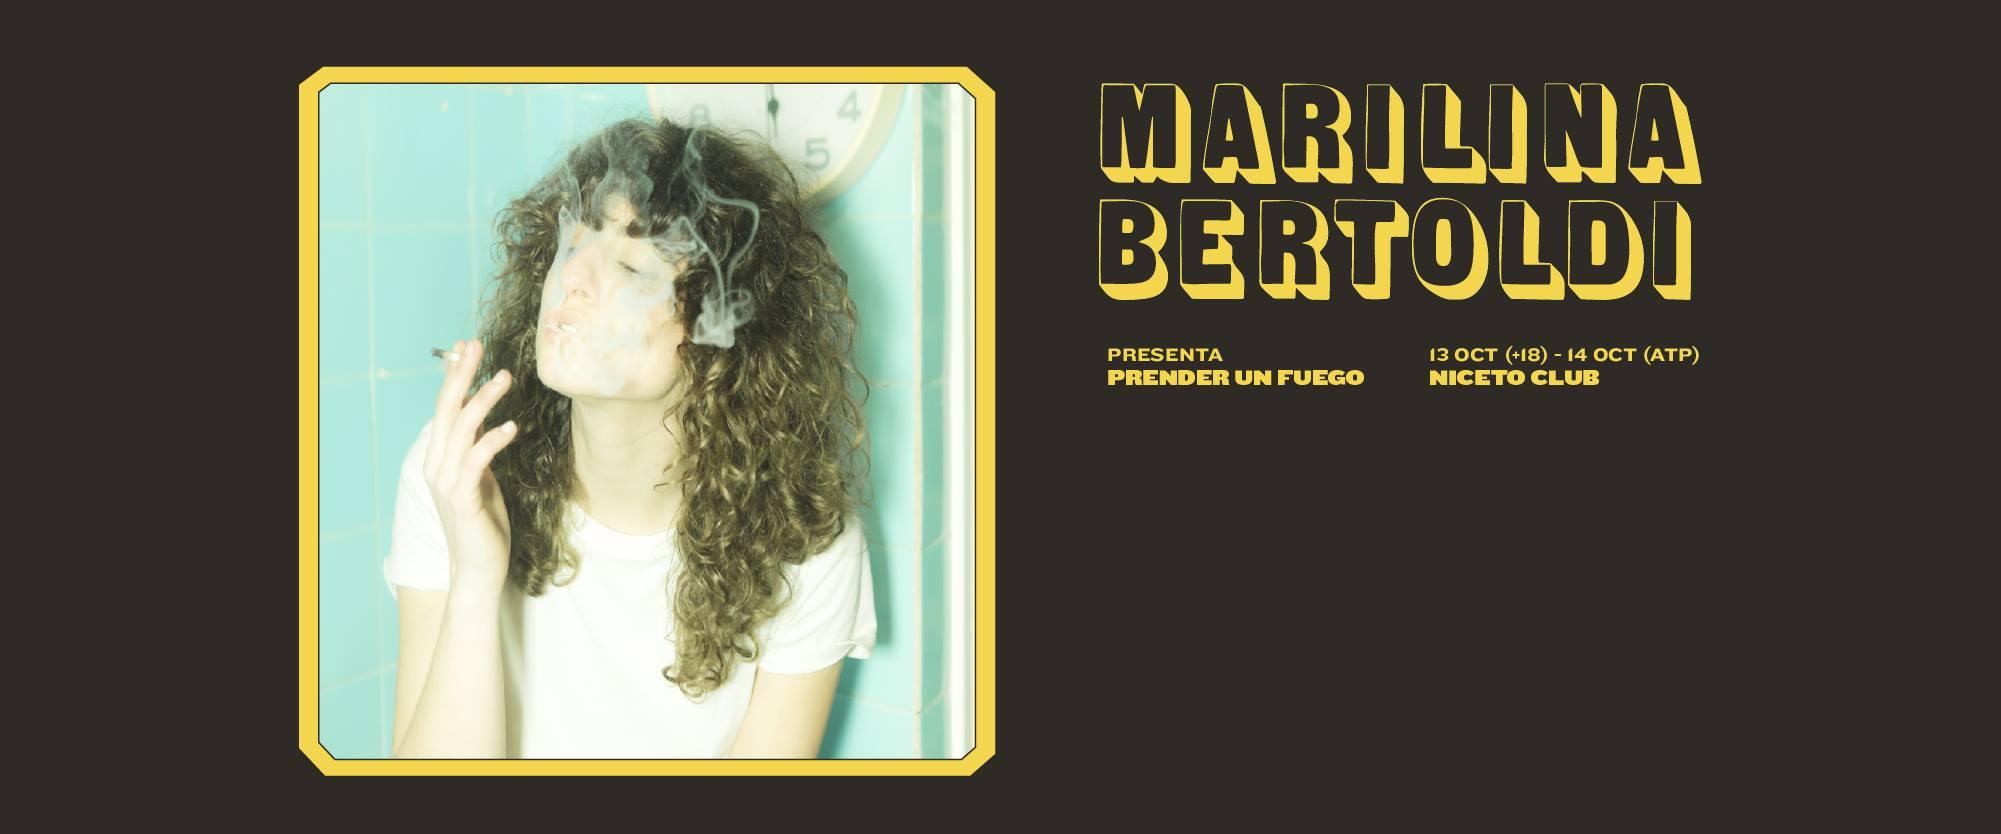 Marilina Bertoldi Niceto